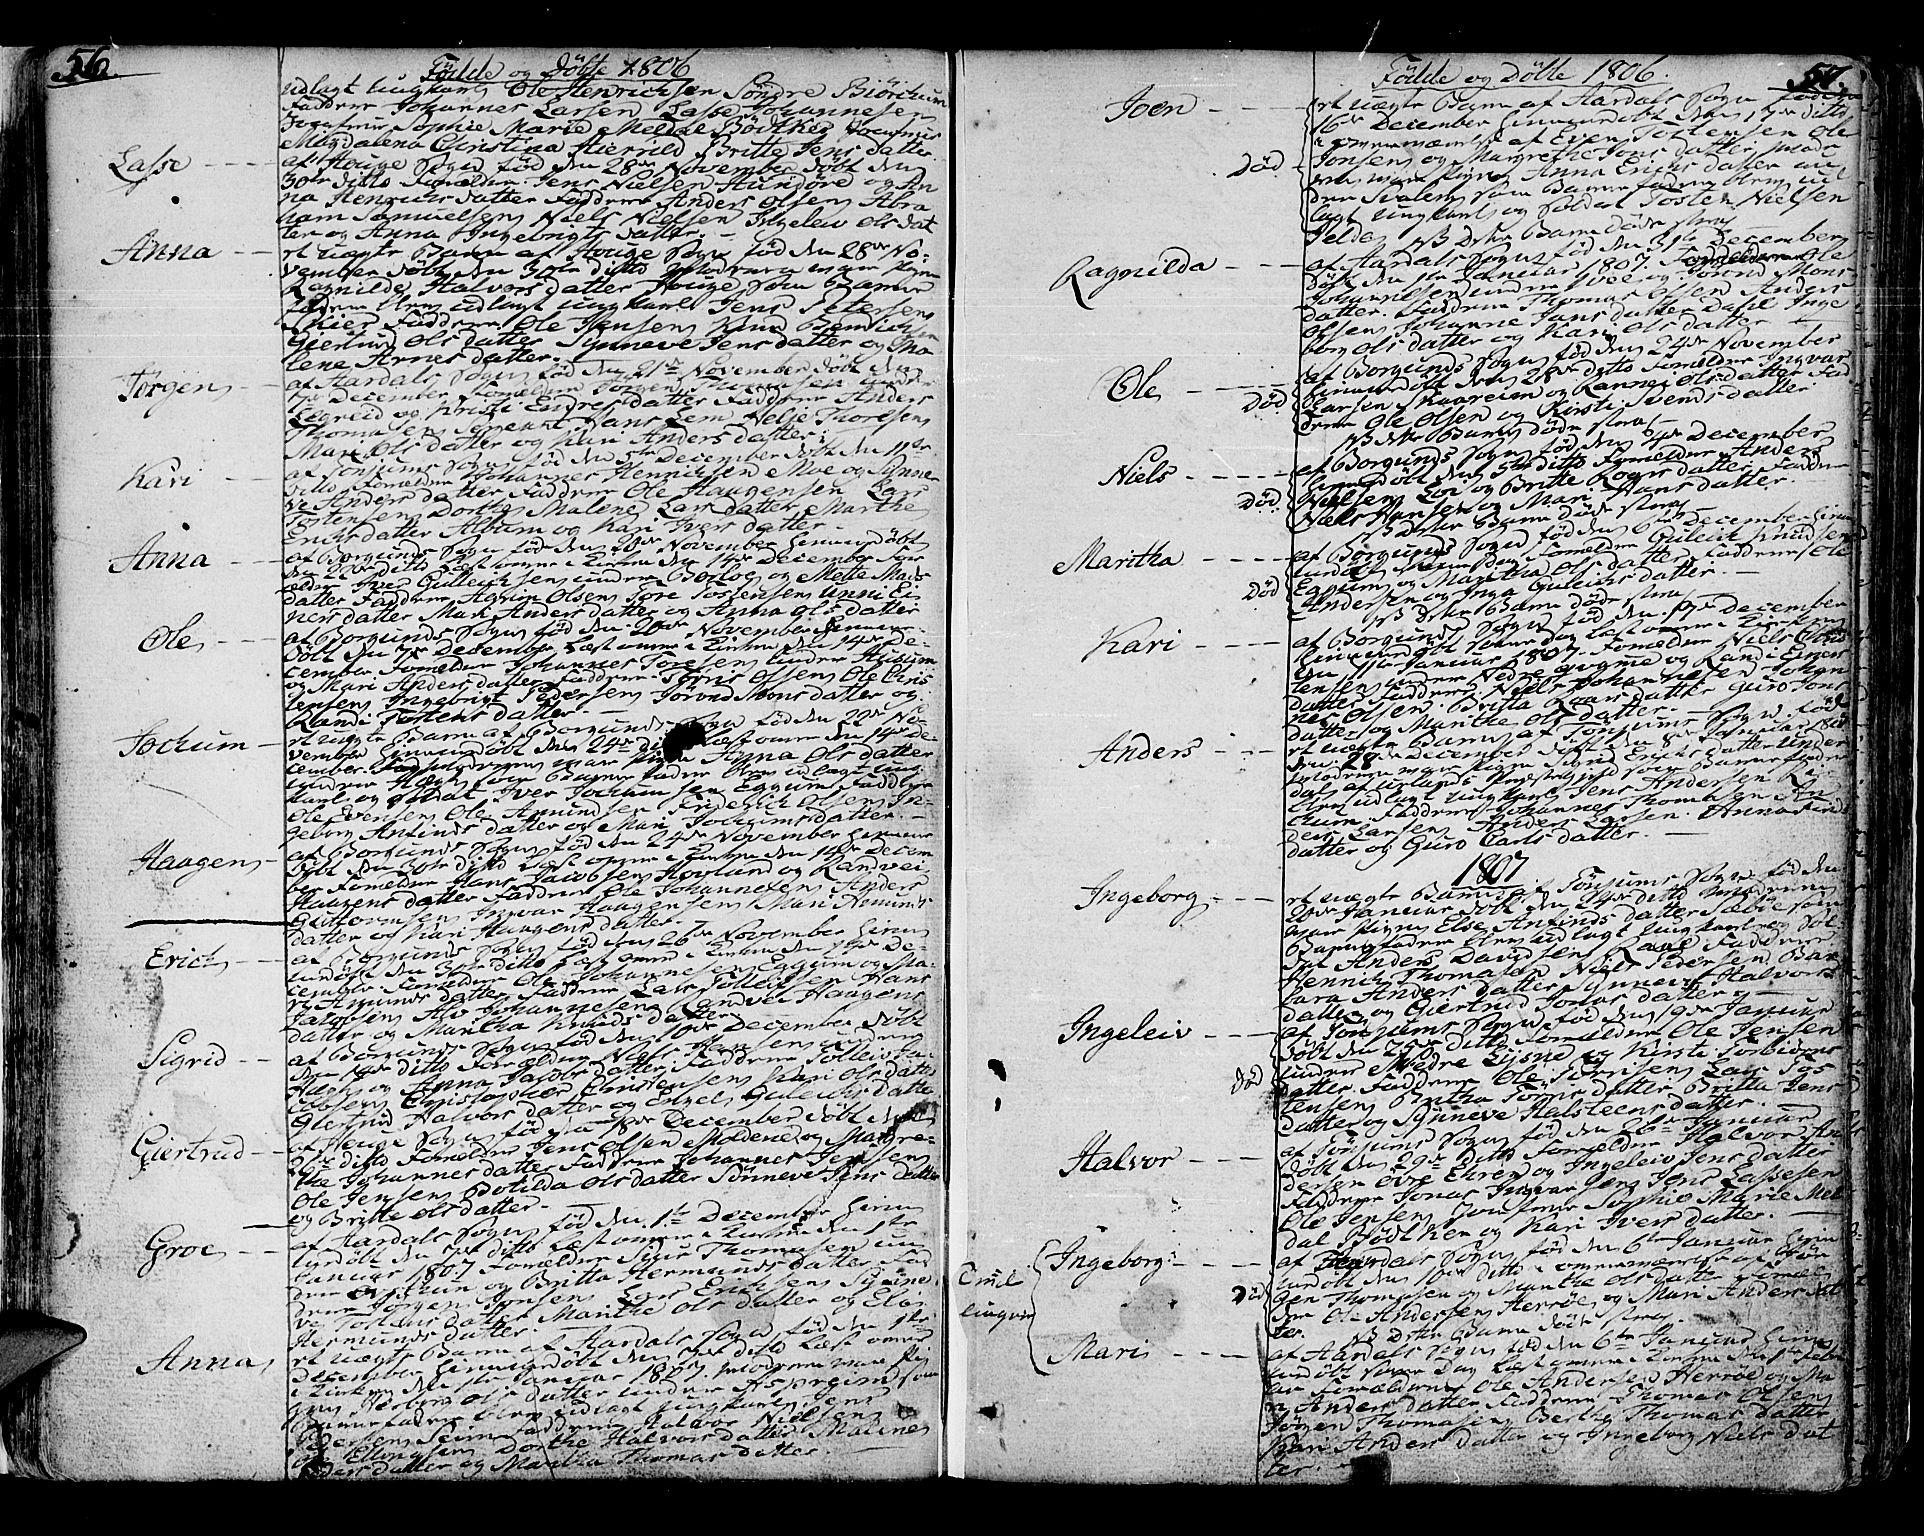 SAB, Lærdal sokneprestembete, Ministerialbok nr. A 4, 1805-1821, s. 56-57